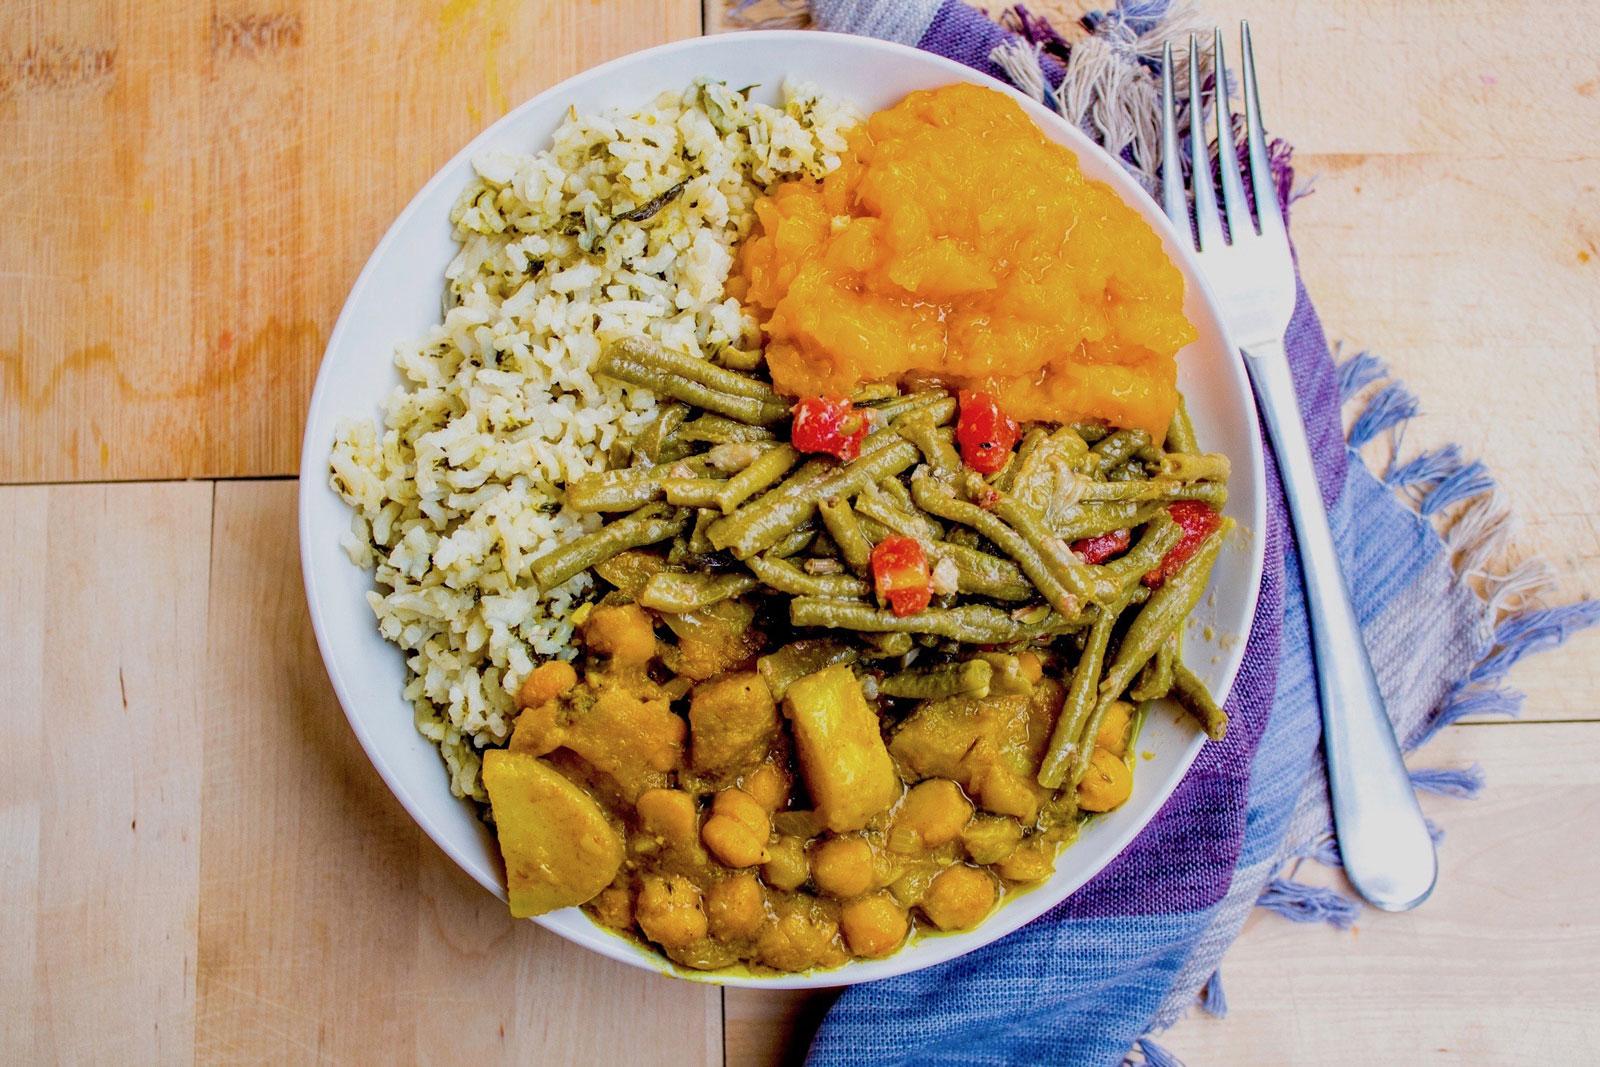 Veggie bowl - Trini style